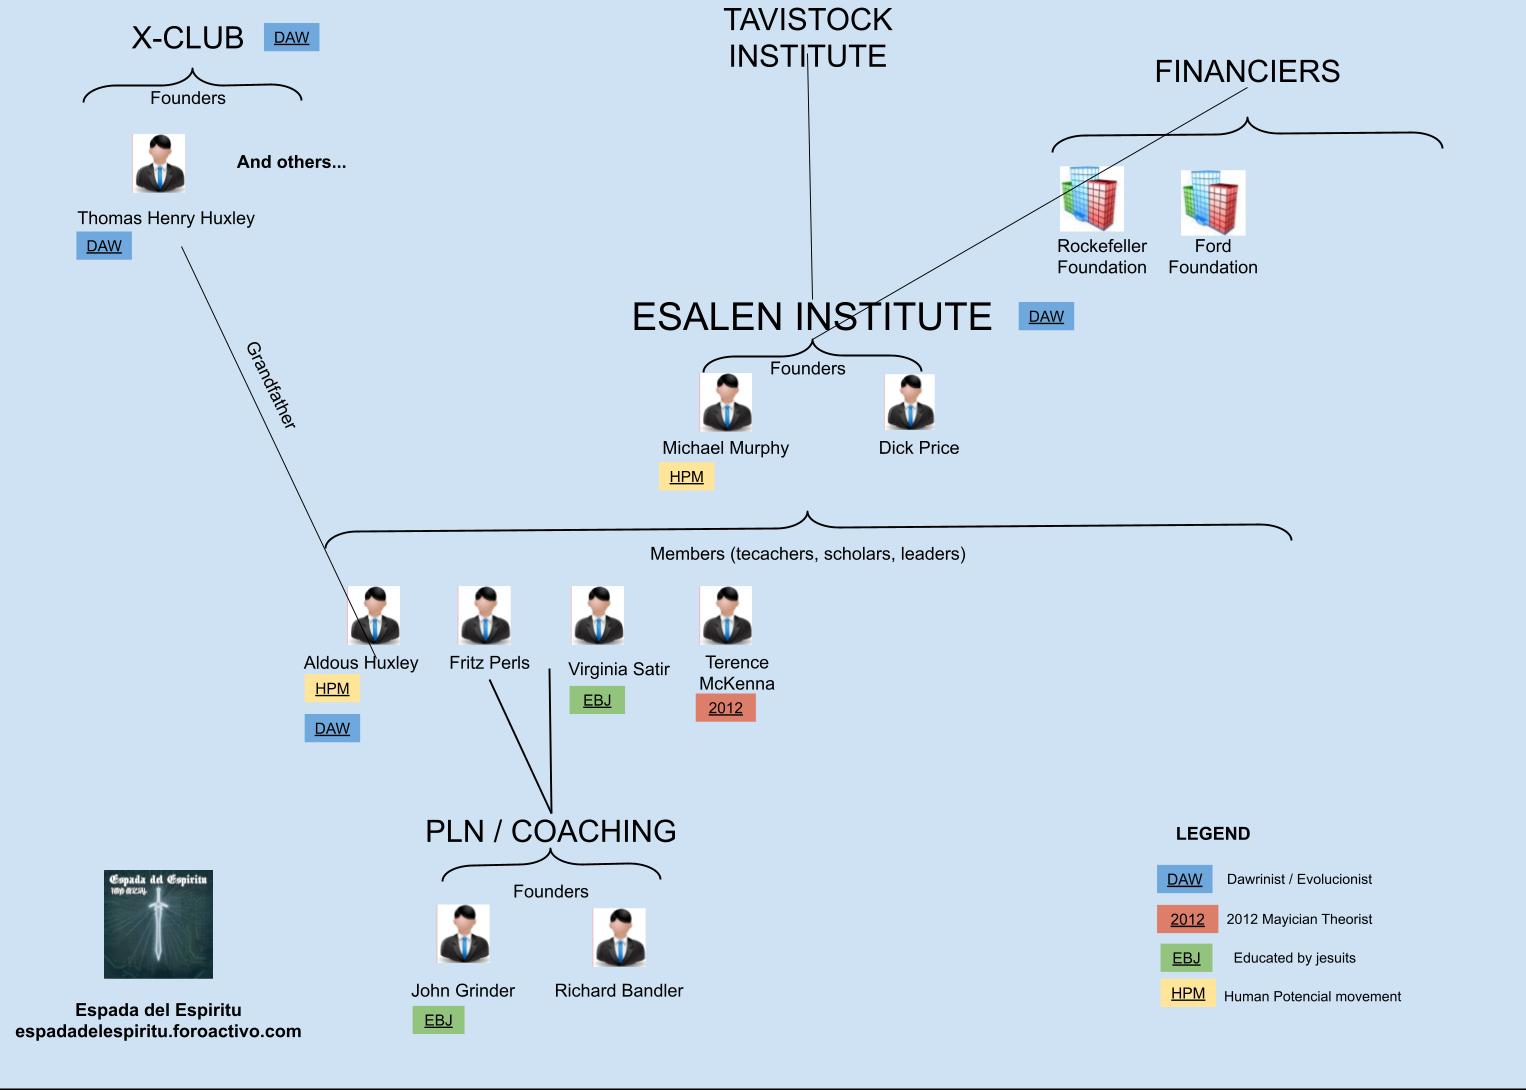 """Programación Neurolingüística (PNL) y el """"Coaching"""" Pub?w=1530&h=1090"""